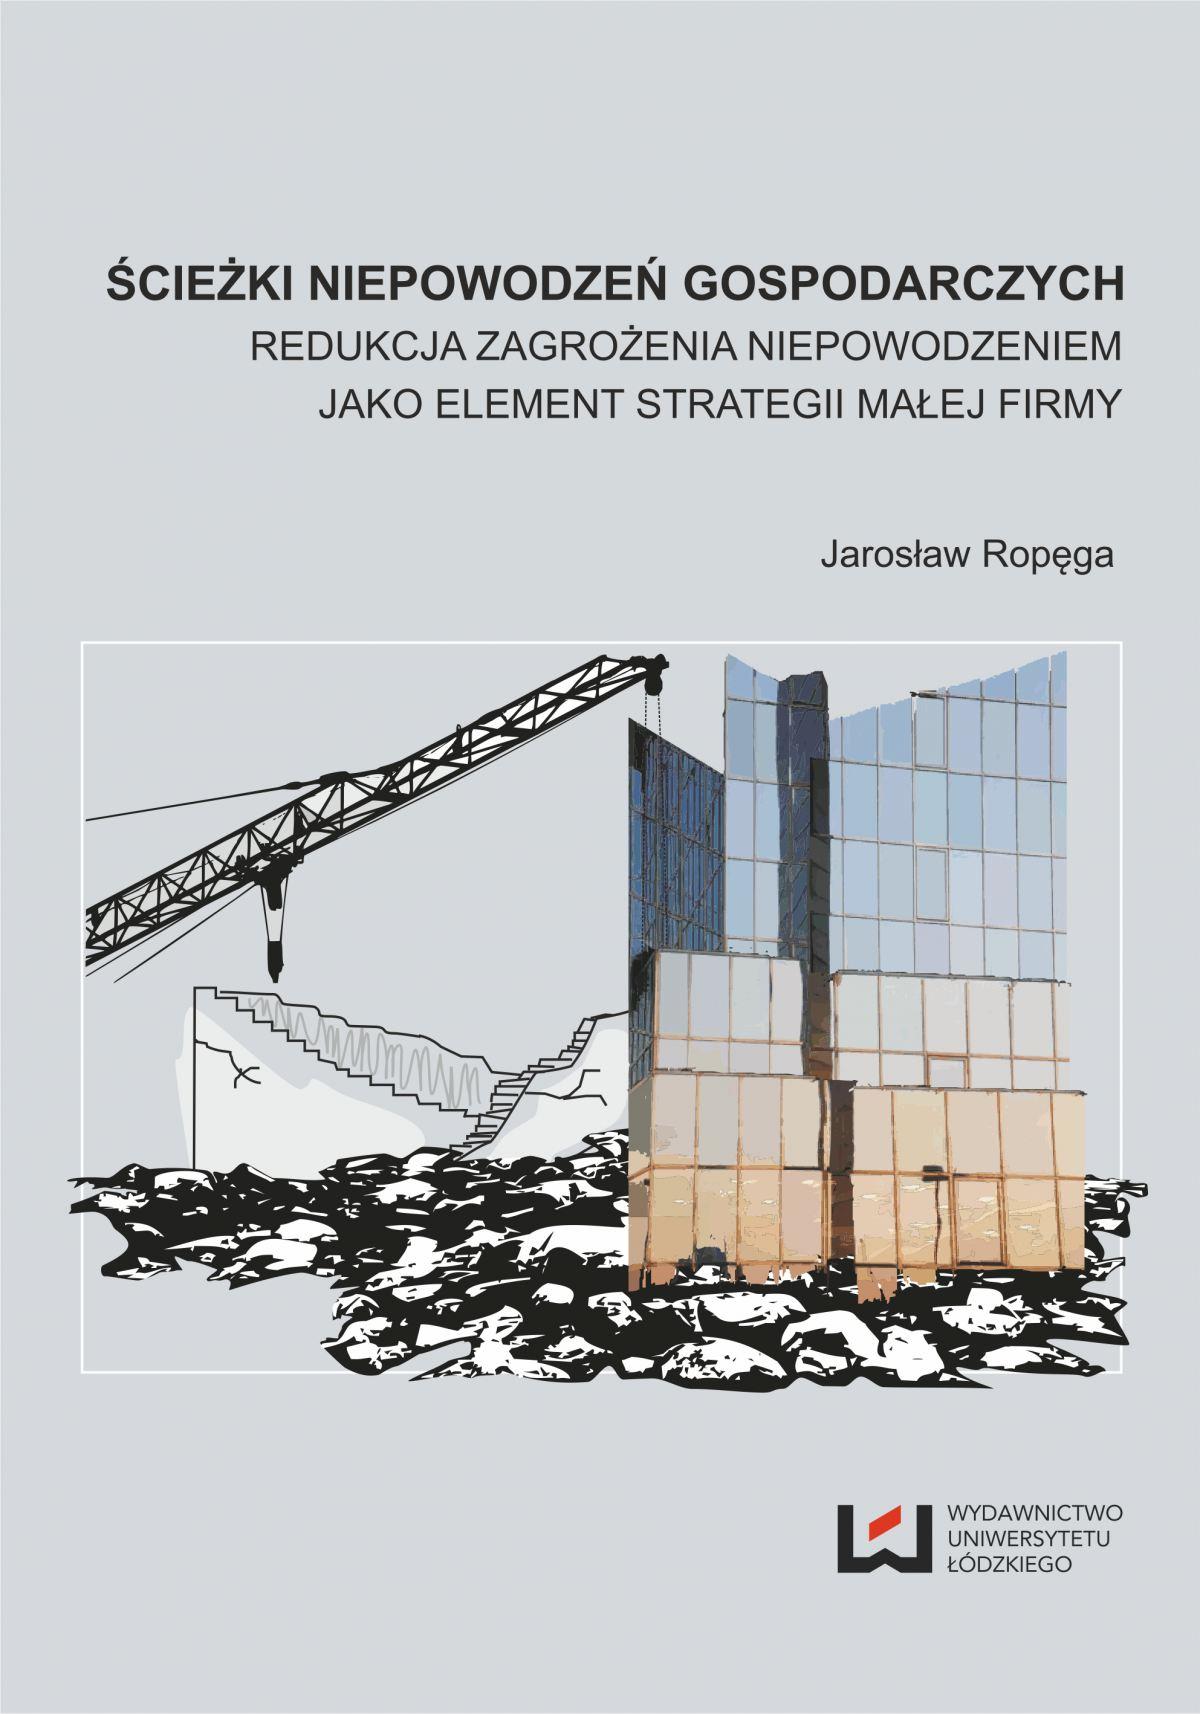 Ścieżki niepowodzeń gospodarczych. Redukcja zagrożenia niepowodzeniem jako element strategii małej firmy - Ebook (Książka PDF) do pobrania w formacie PDF